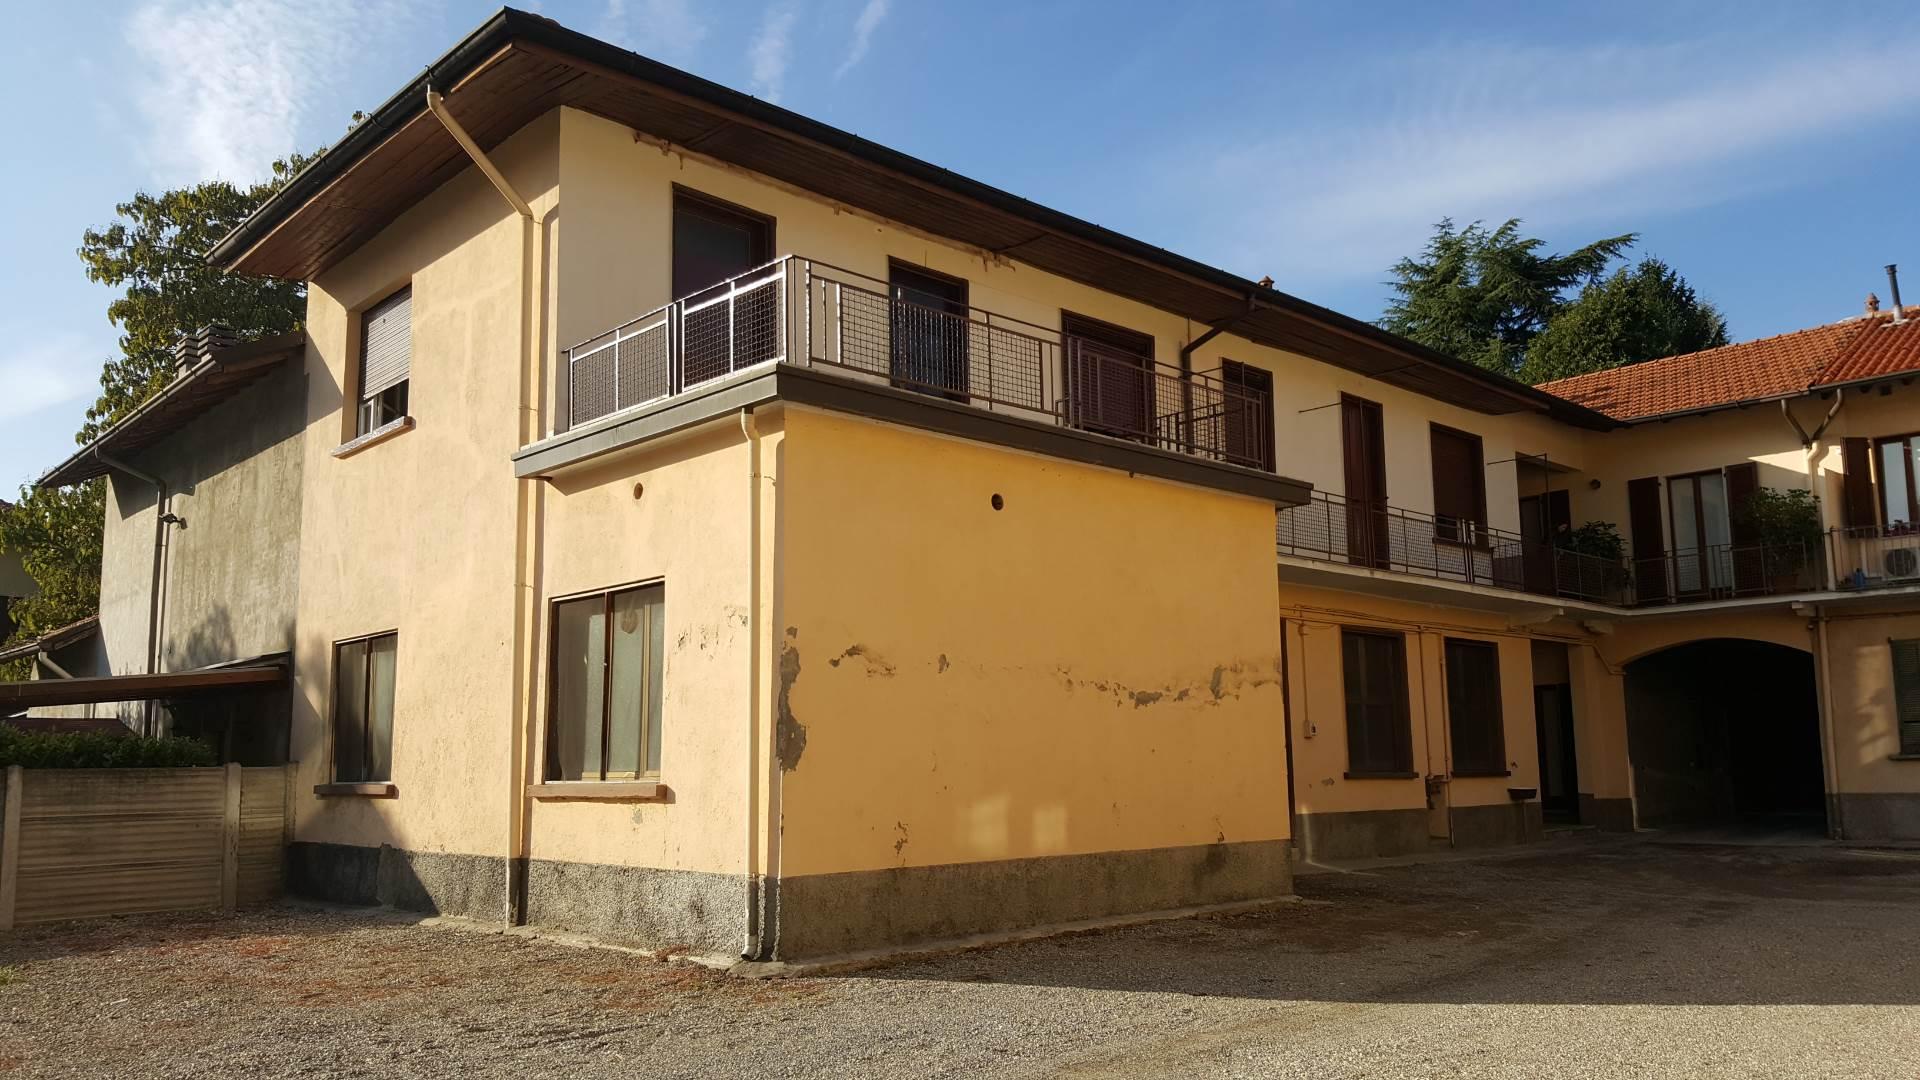 Casa indipendente cesano maderno - Valutazione immobile casa it ...